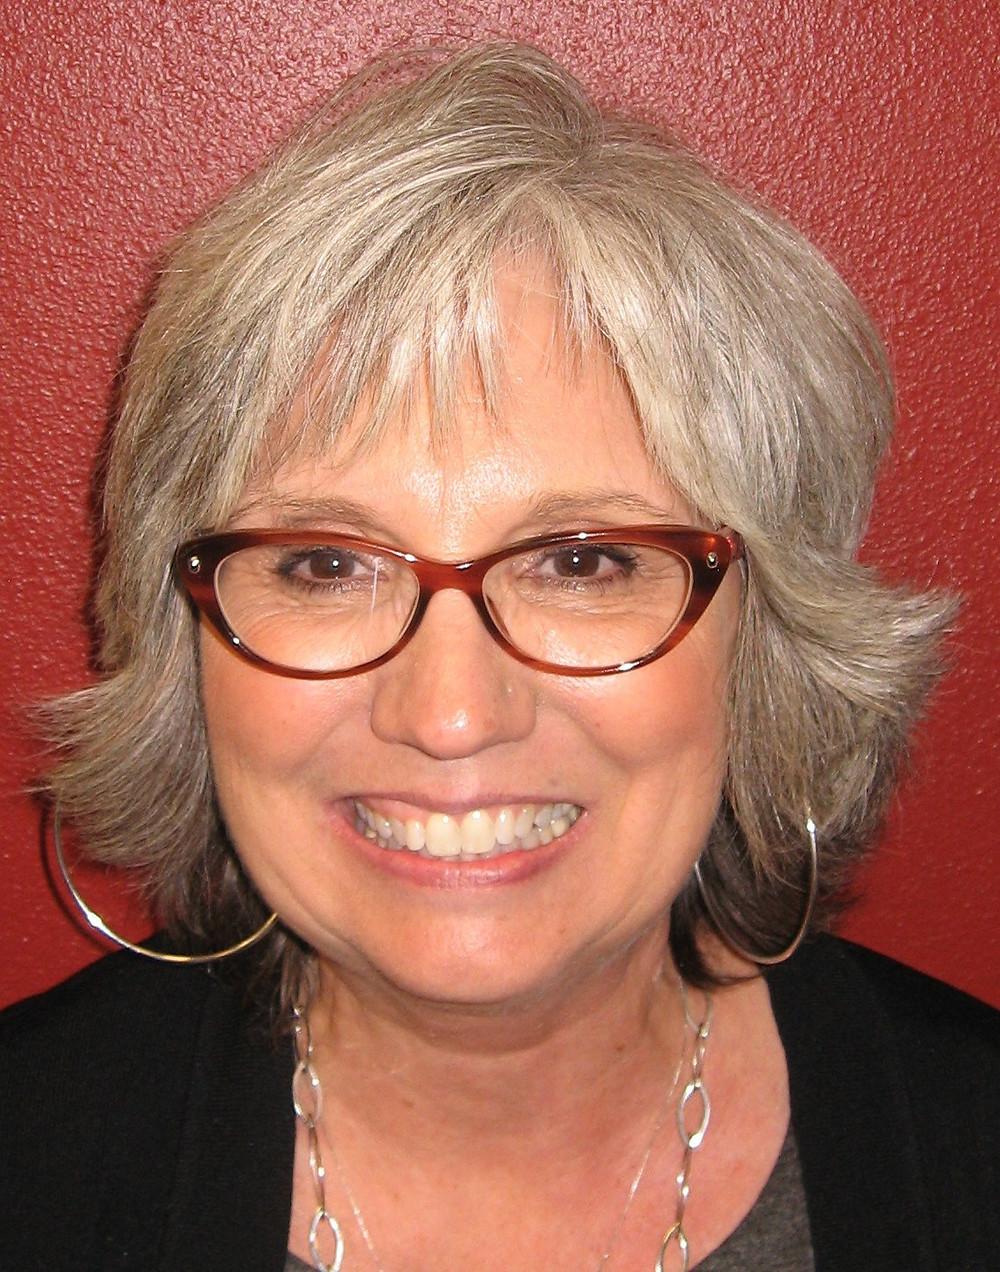 Debi Gutknecht - Blaine County School District